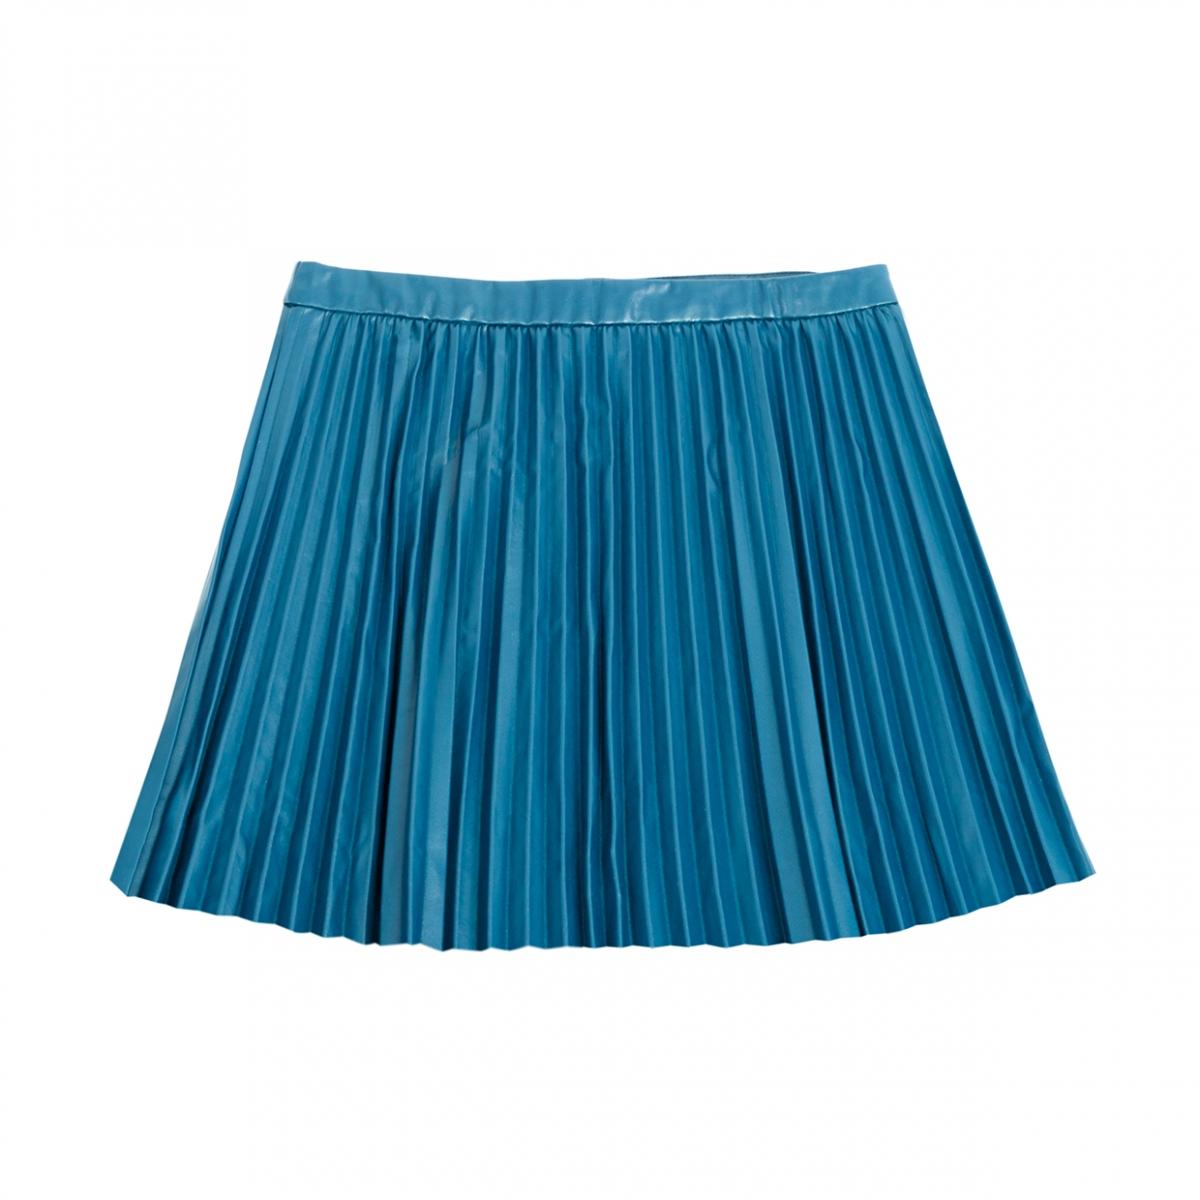 Imagen en la que se ve una minifalda